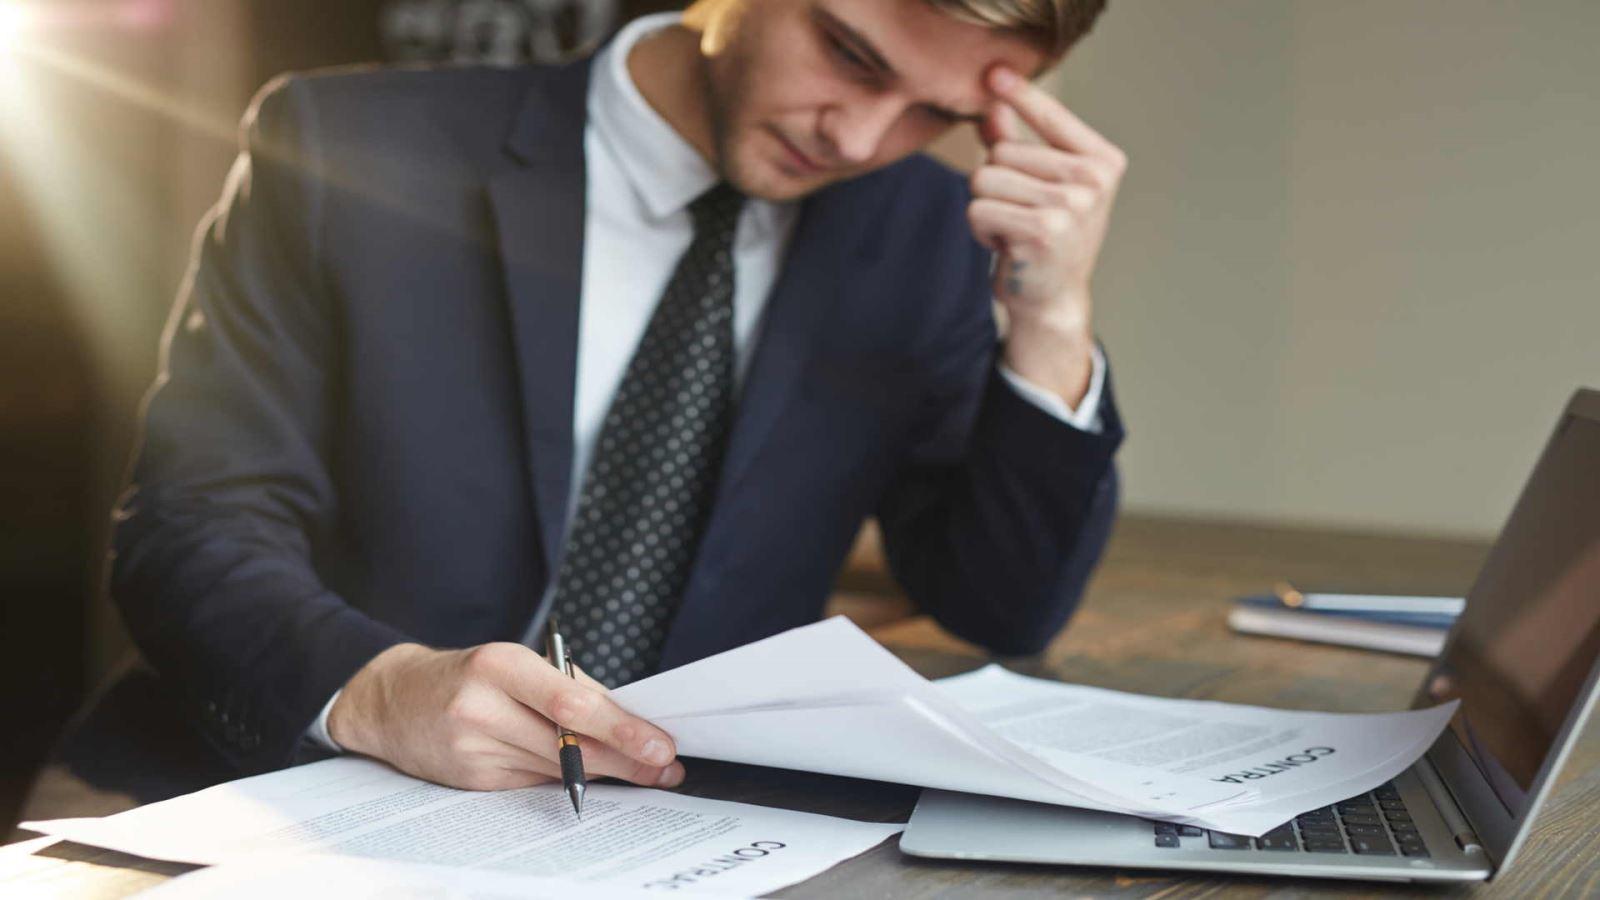 מעסיק בודק כיצד לפתוח דף חדש ולהשתקם כלכלית